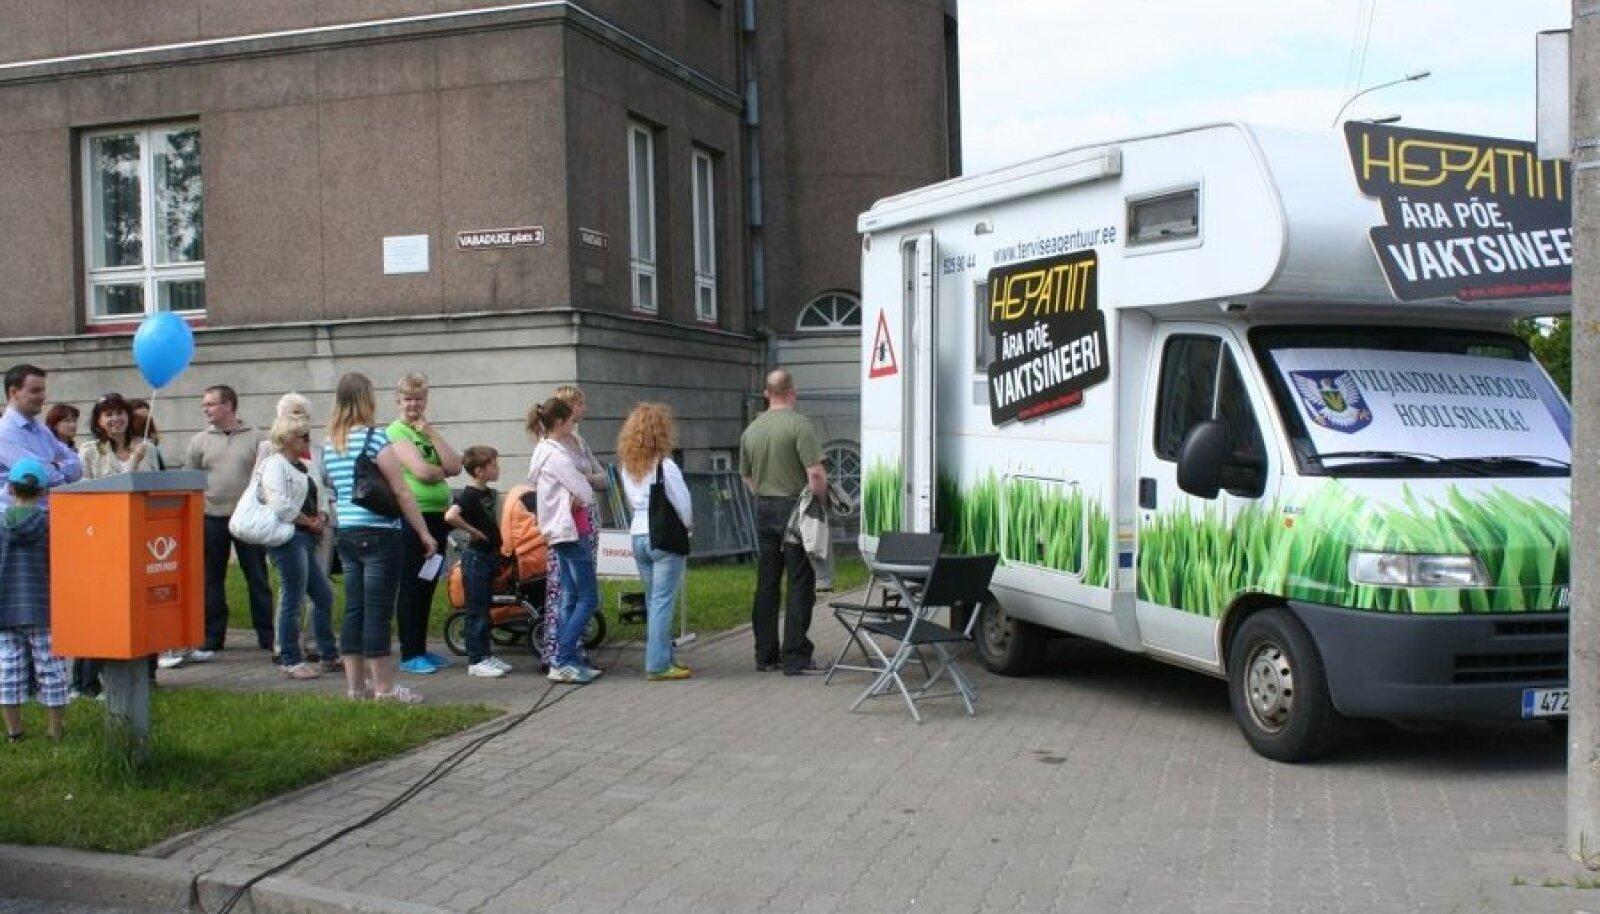 Foto: Viljandi maavalitsus